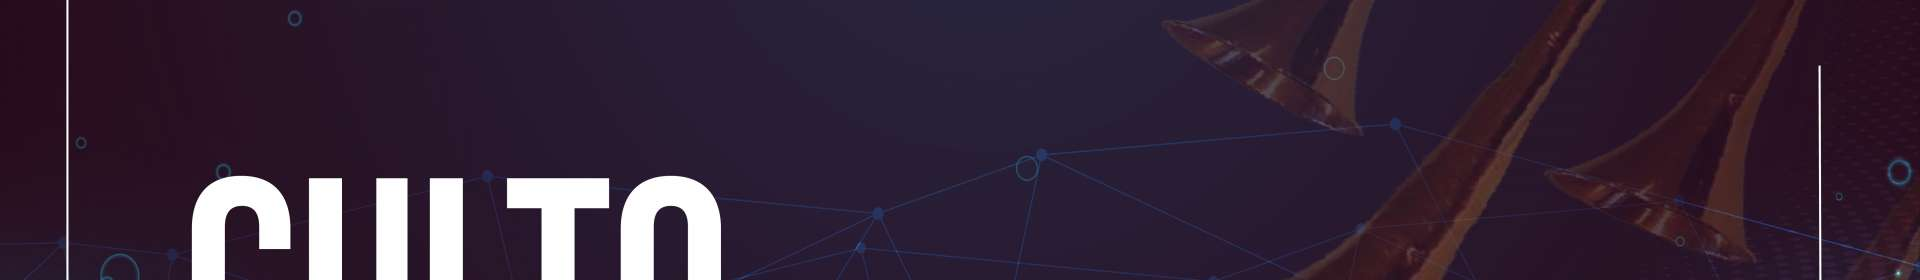 Culto via satélite exibido em 14/01/2020